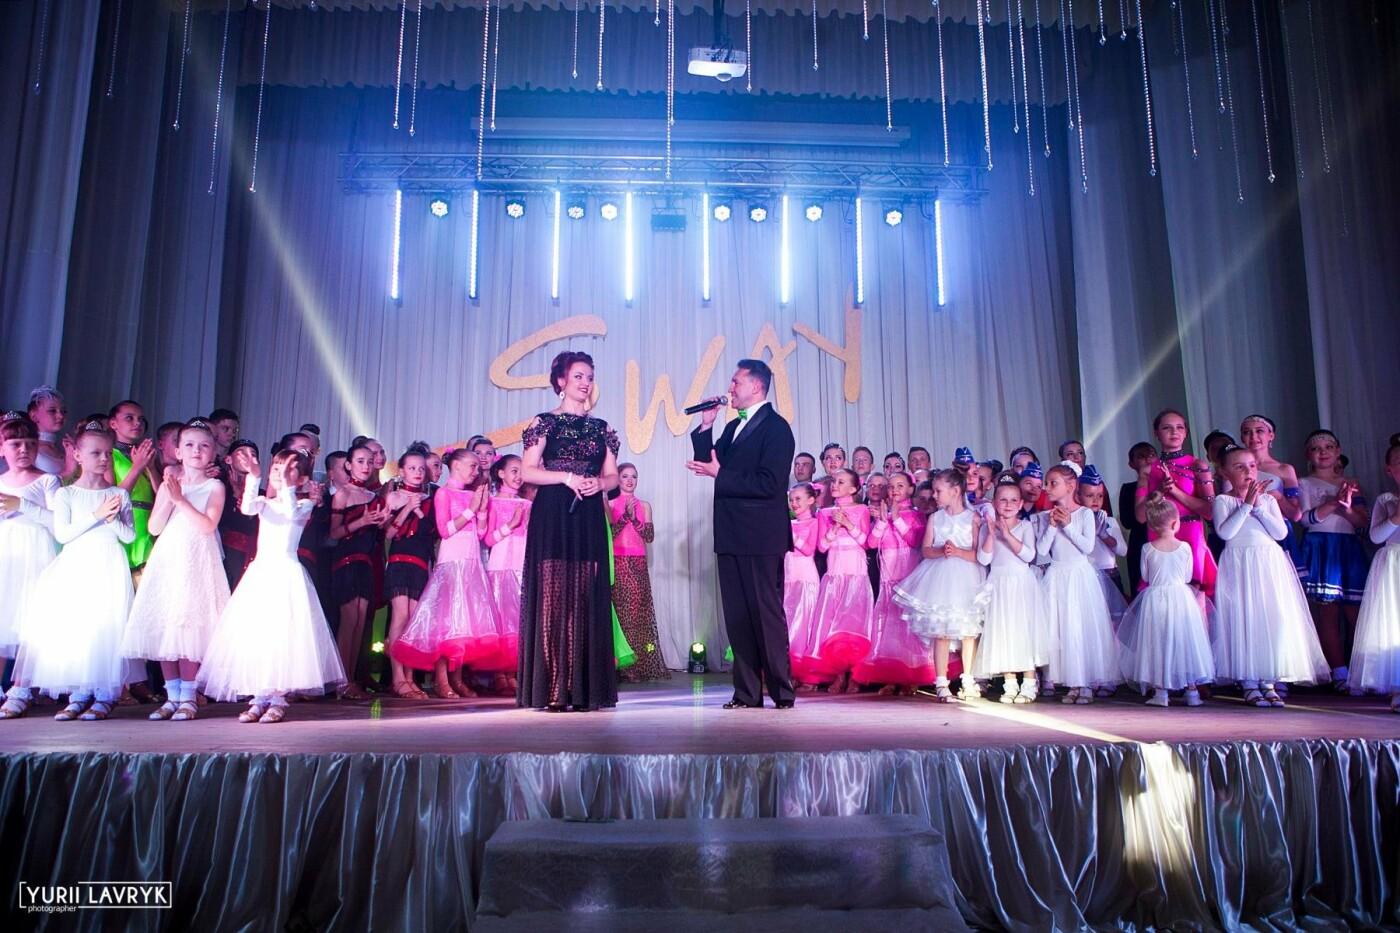 Хореографический коллектив Сумского НАУ отпраздновал свой День рождения грандиозным концертом, фото-4